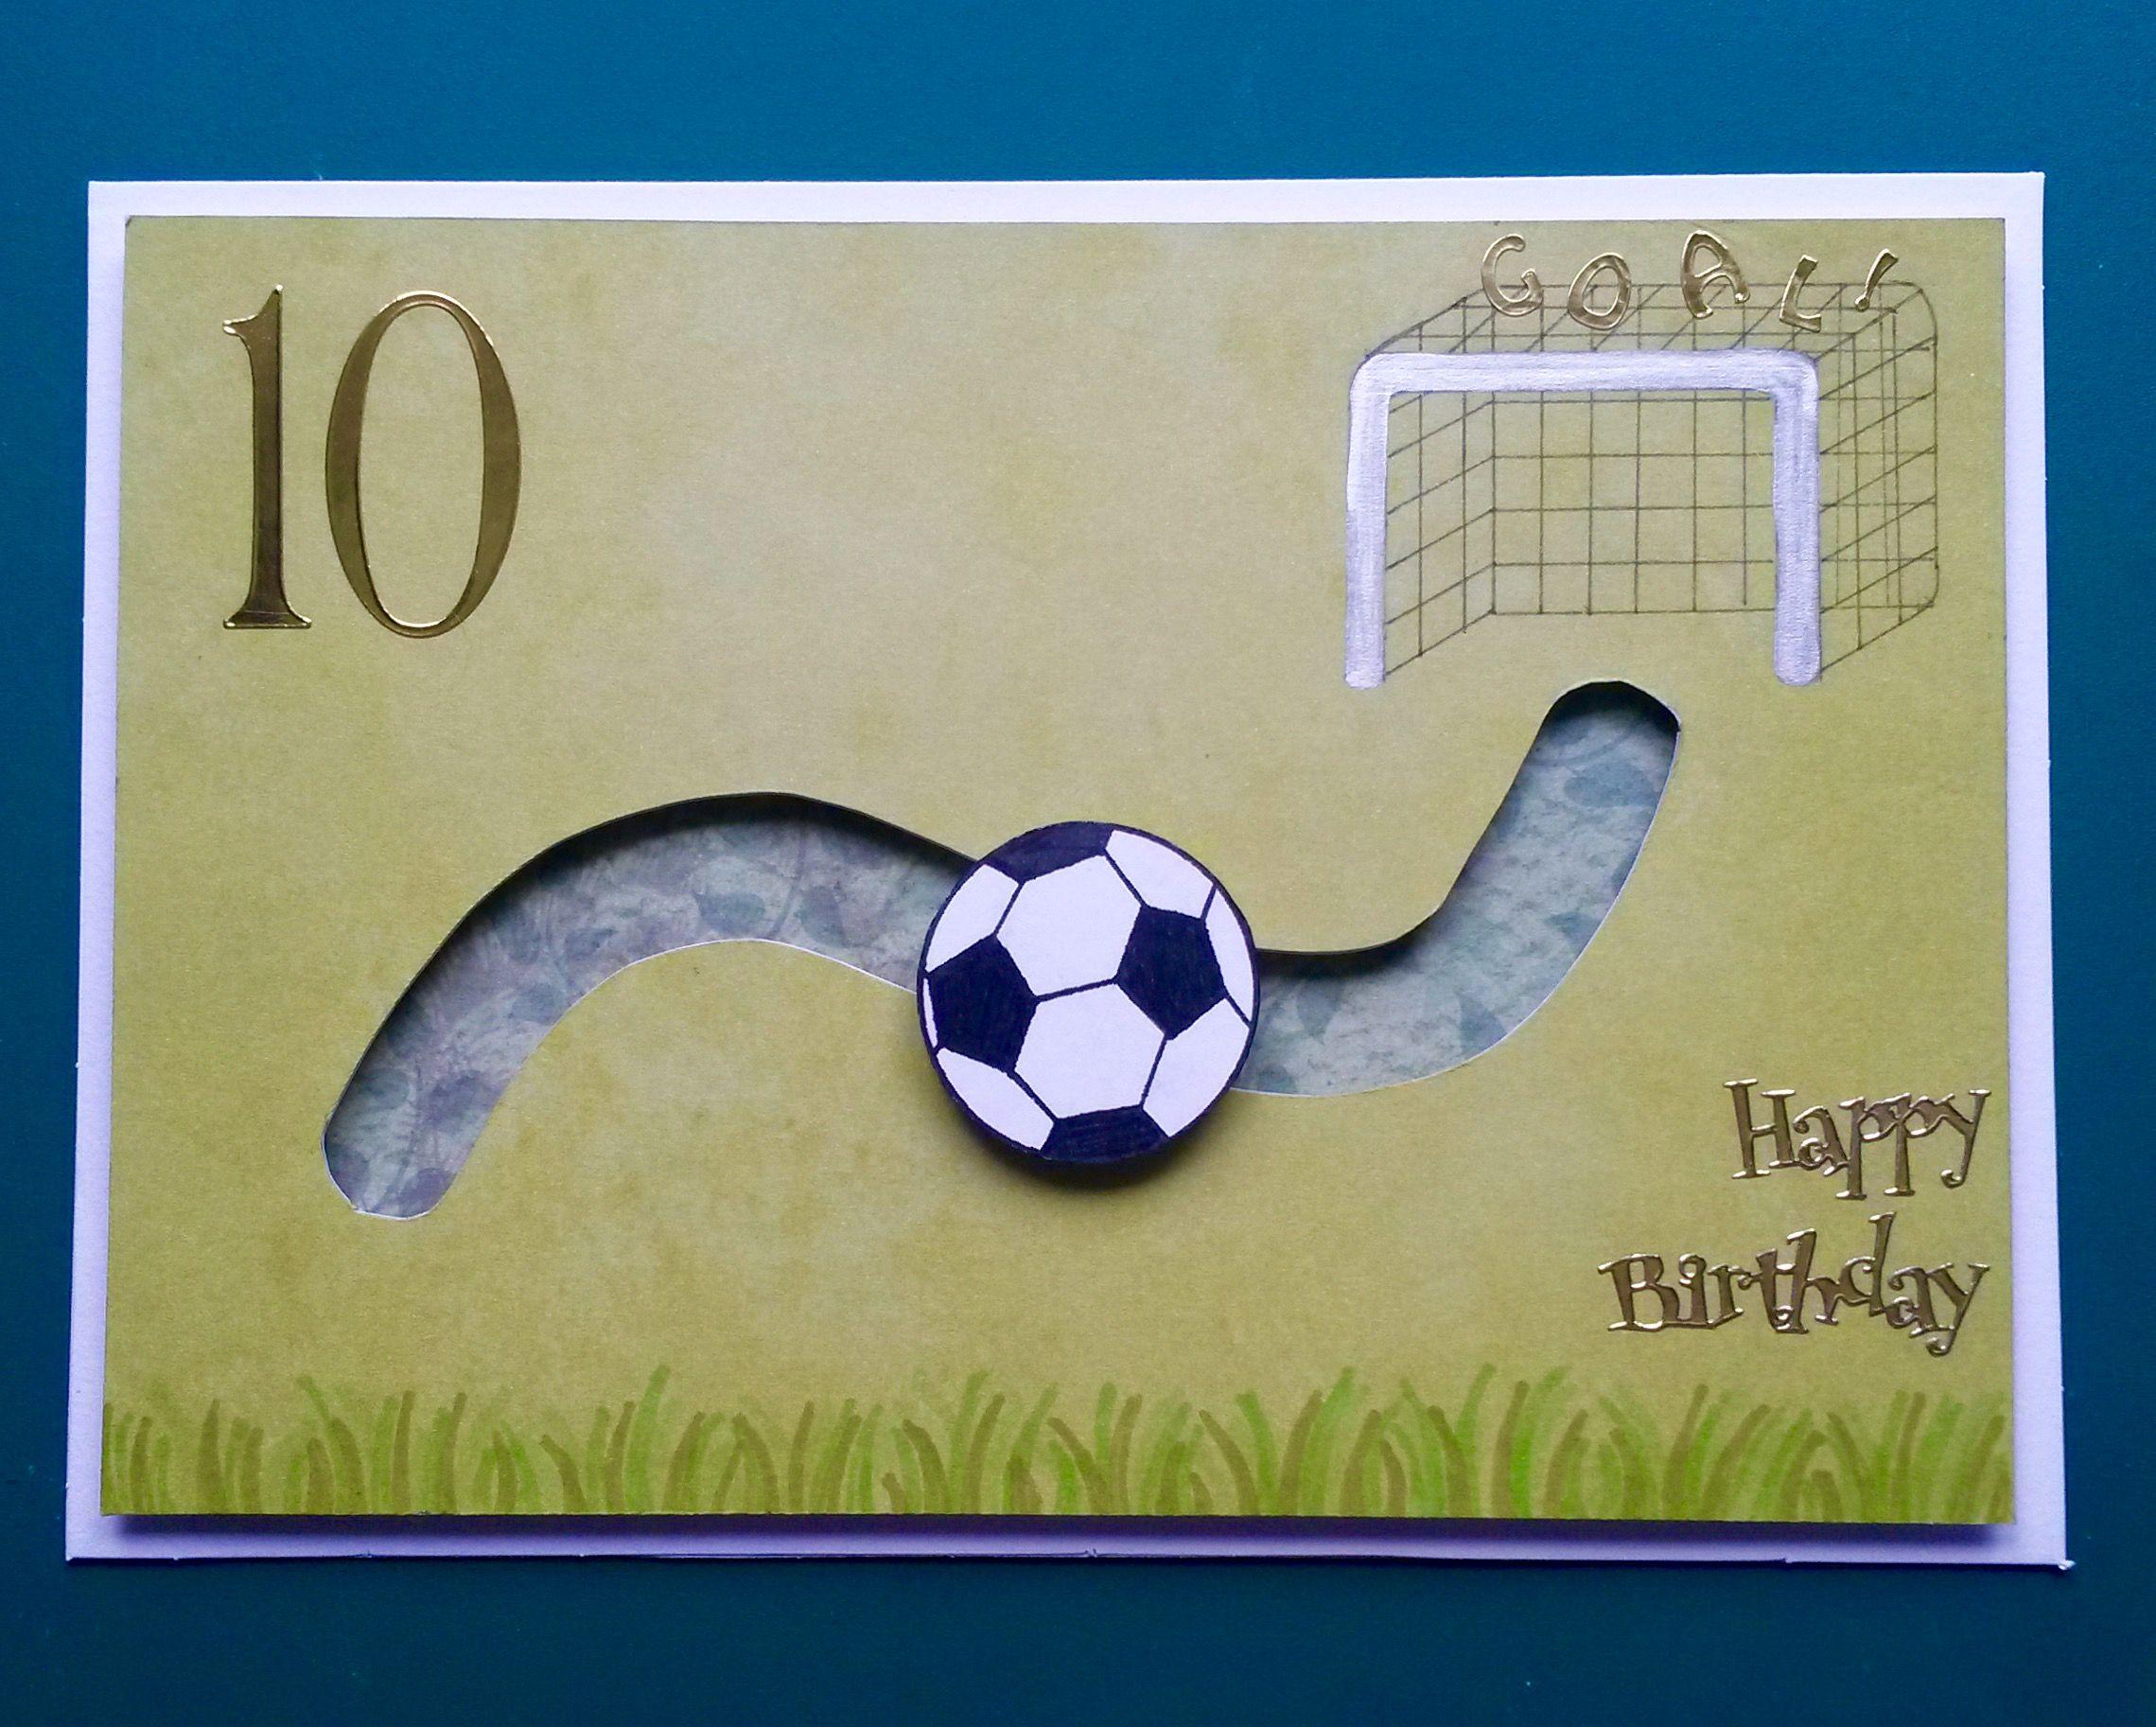 Boys Birthday Card Kids Birthday Cards Football Soccer Slider Card Handmade Cards Hand Birthday Cards For Men Kids Birthday Cards Birthday Cards For Boys